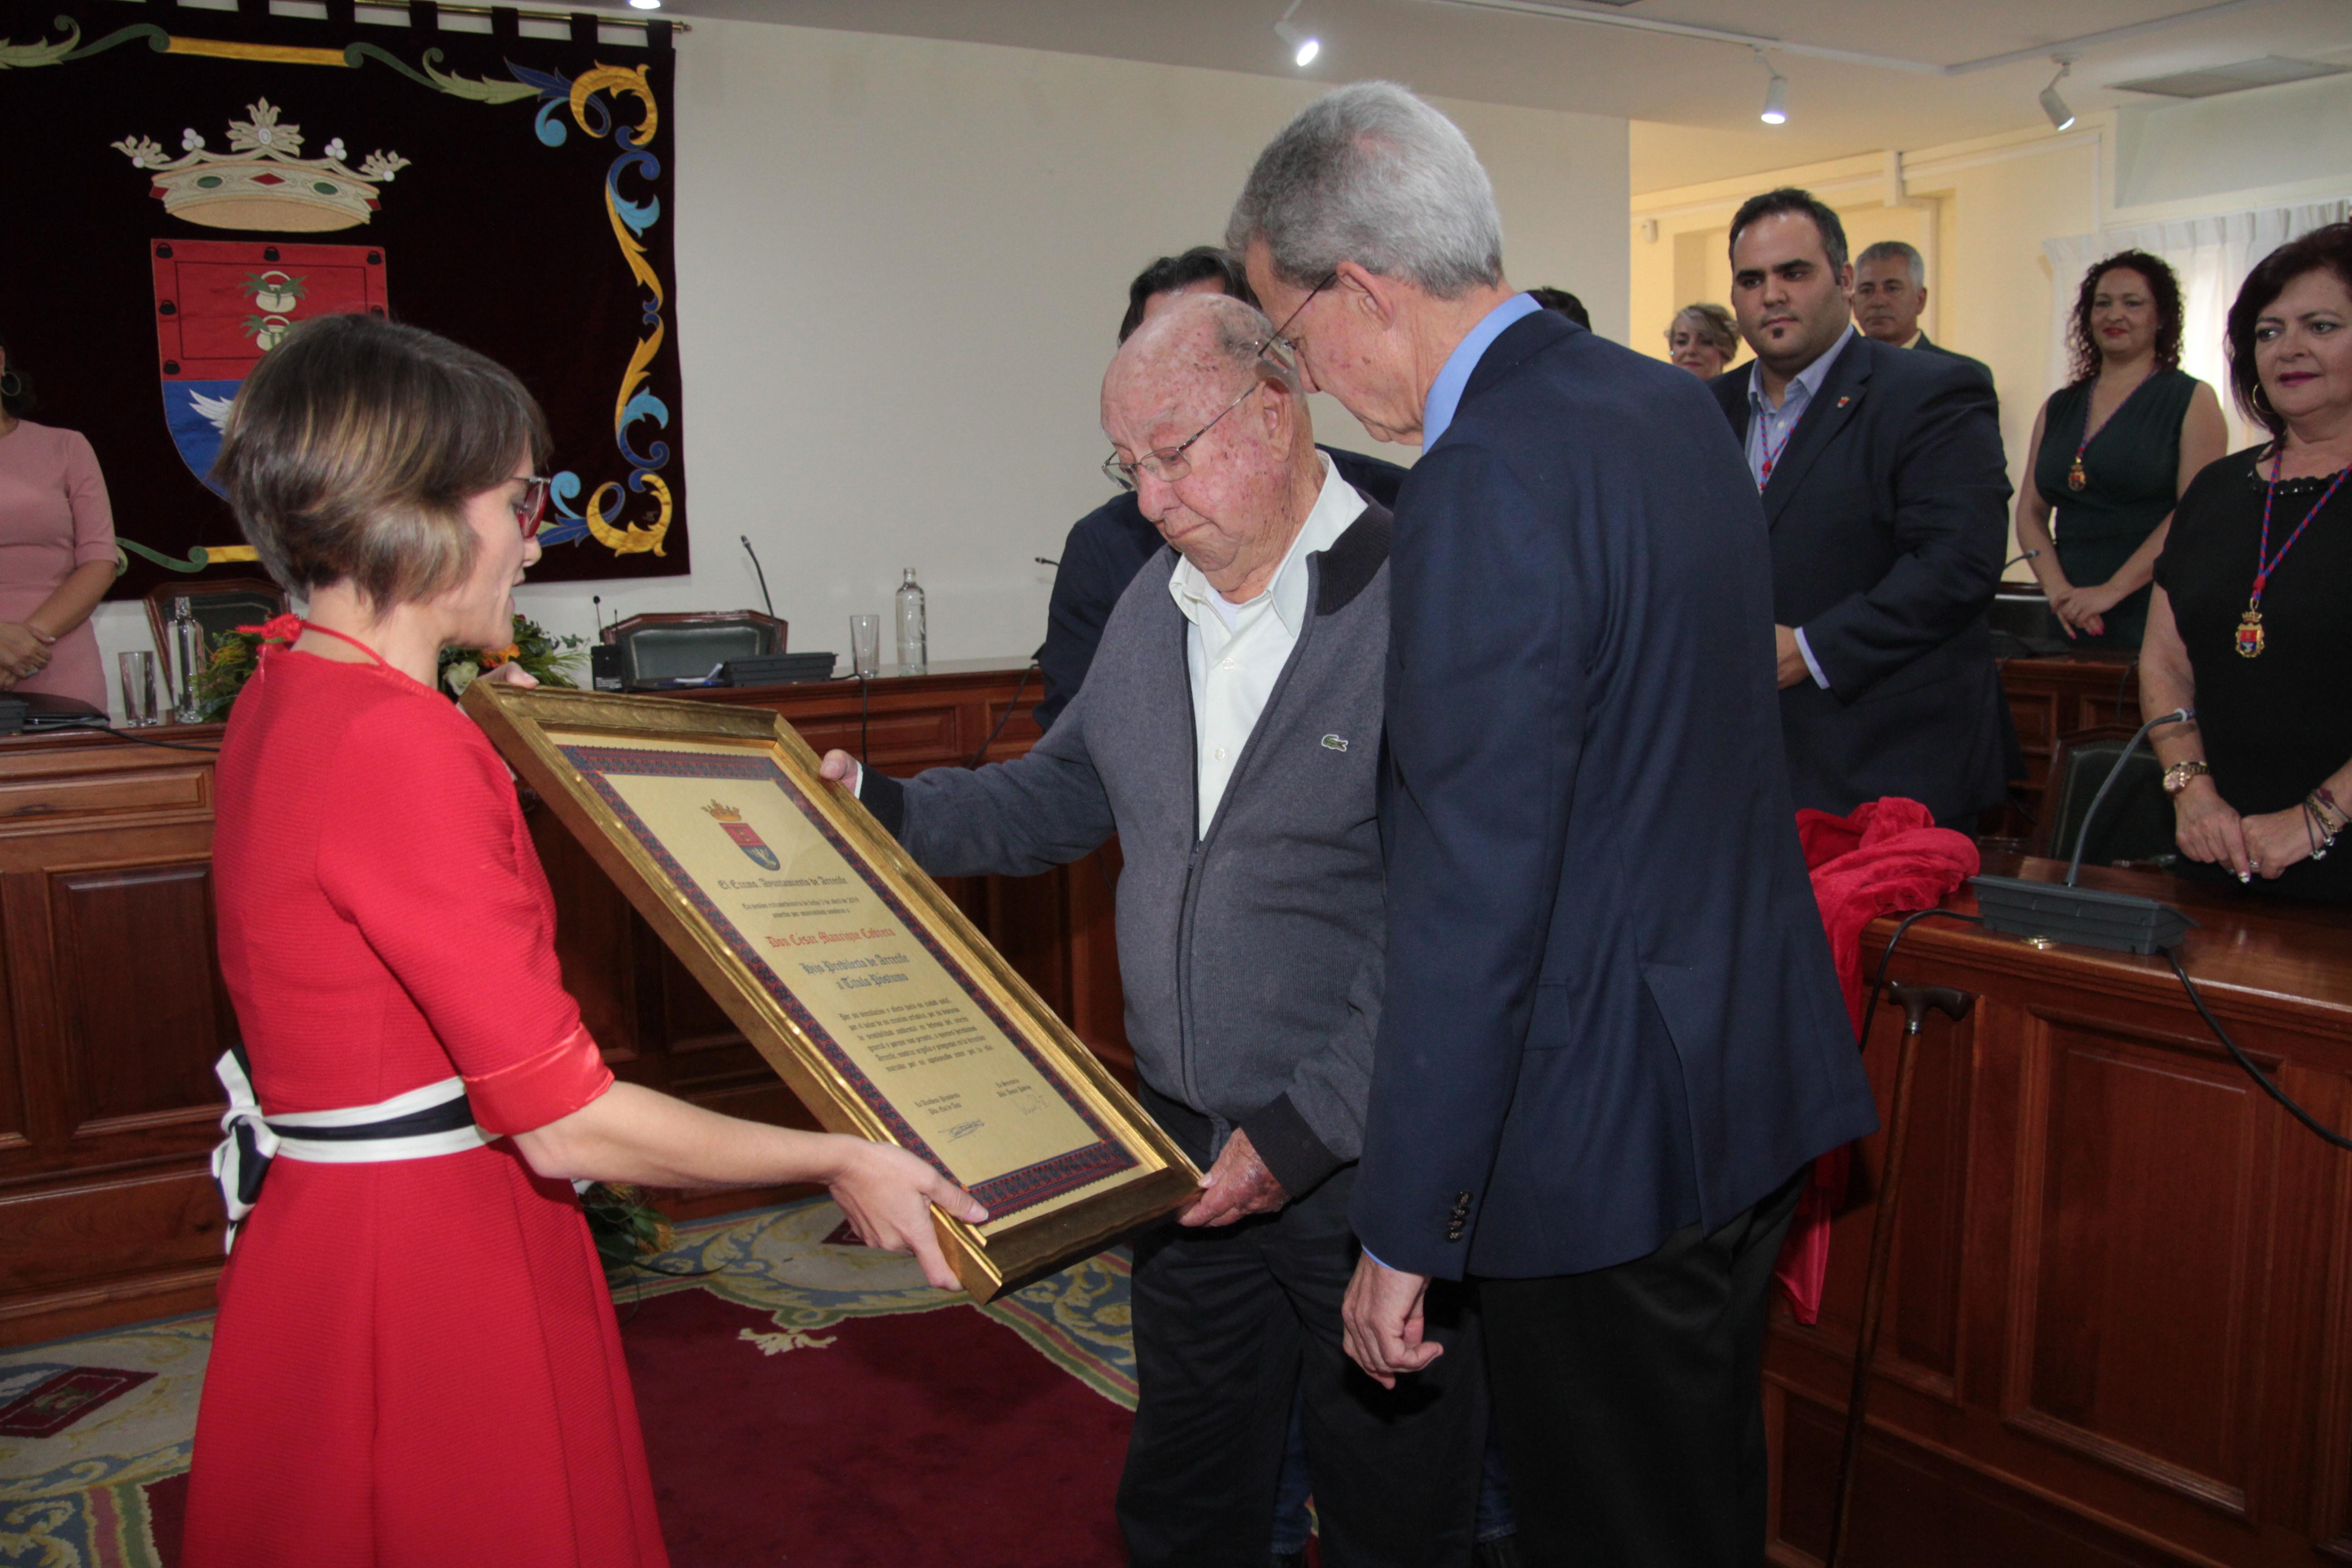 El Ayuntamiento de Arrecife entrega el nombramiento honorífico 'Hijo Predilecto' a la Fundación César Manrique